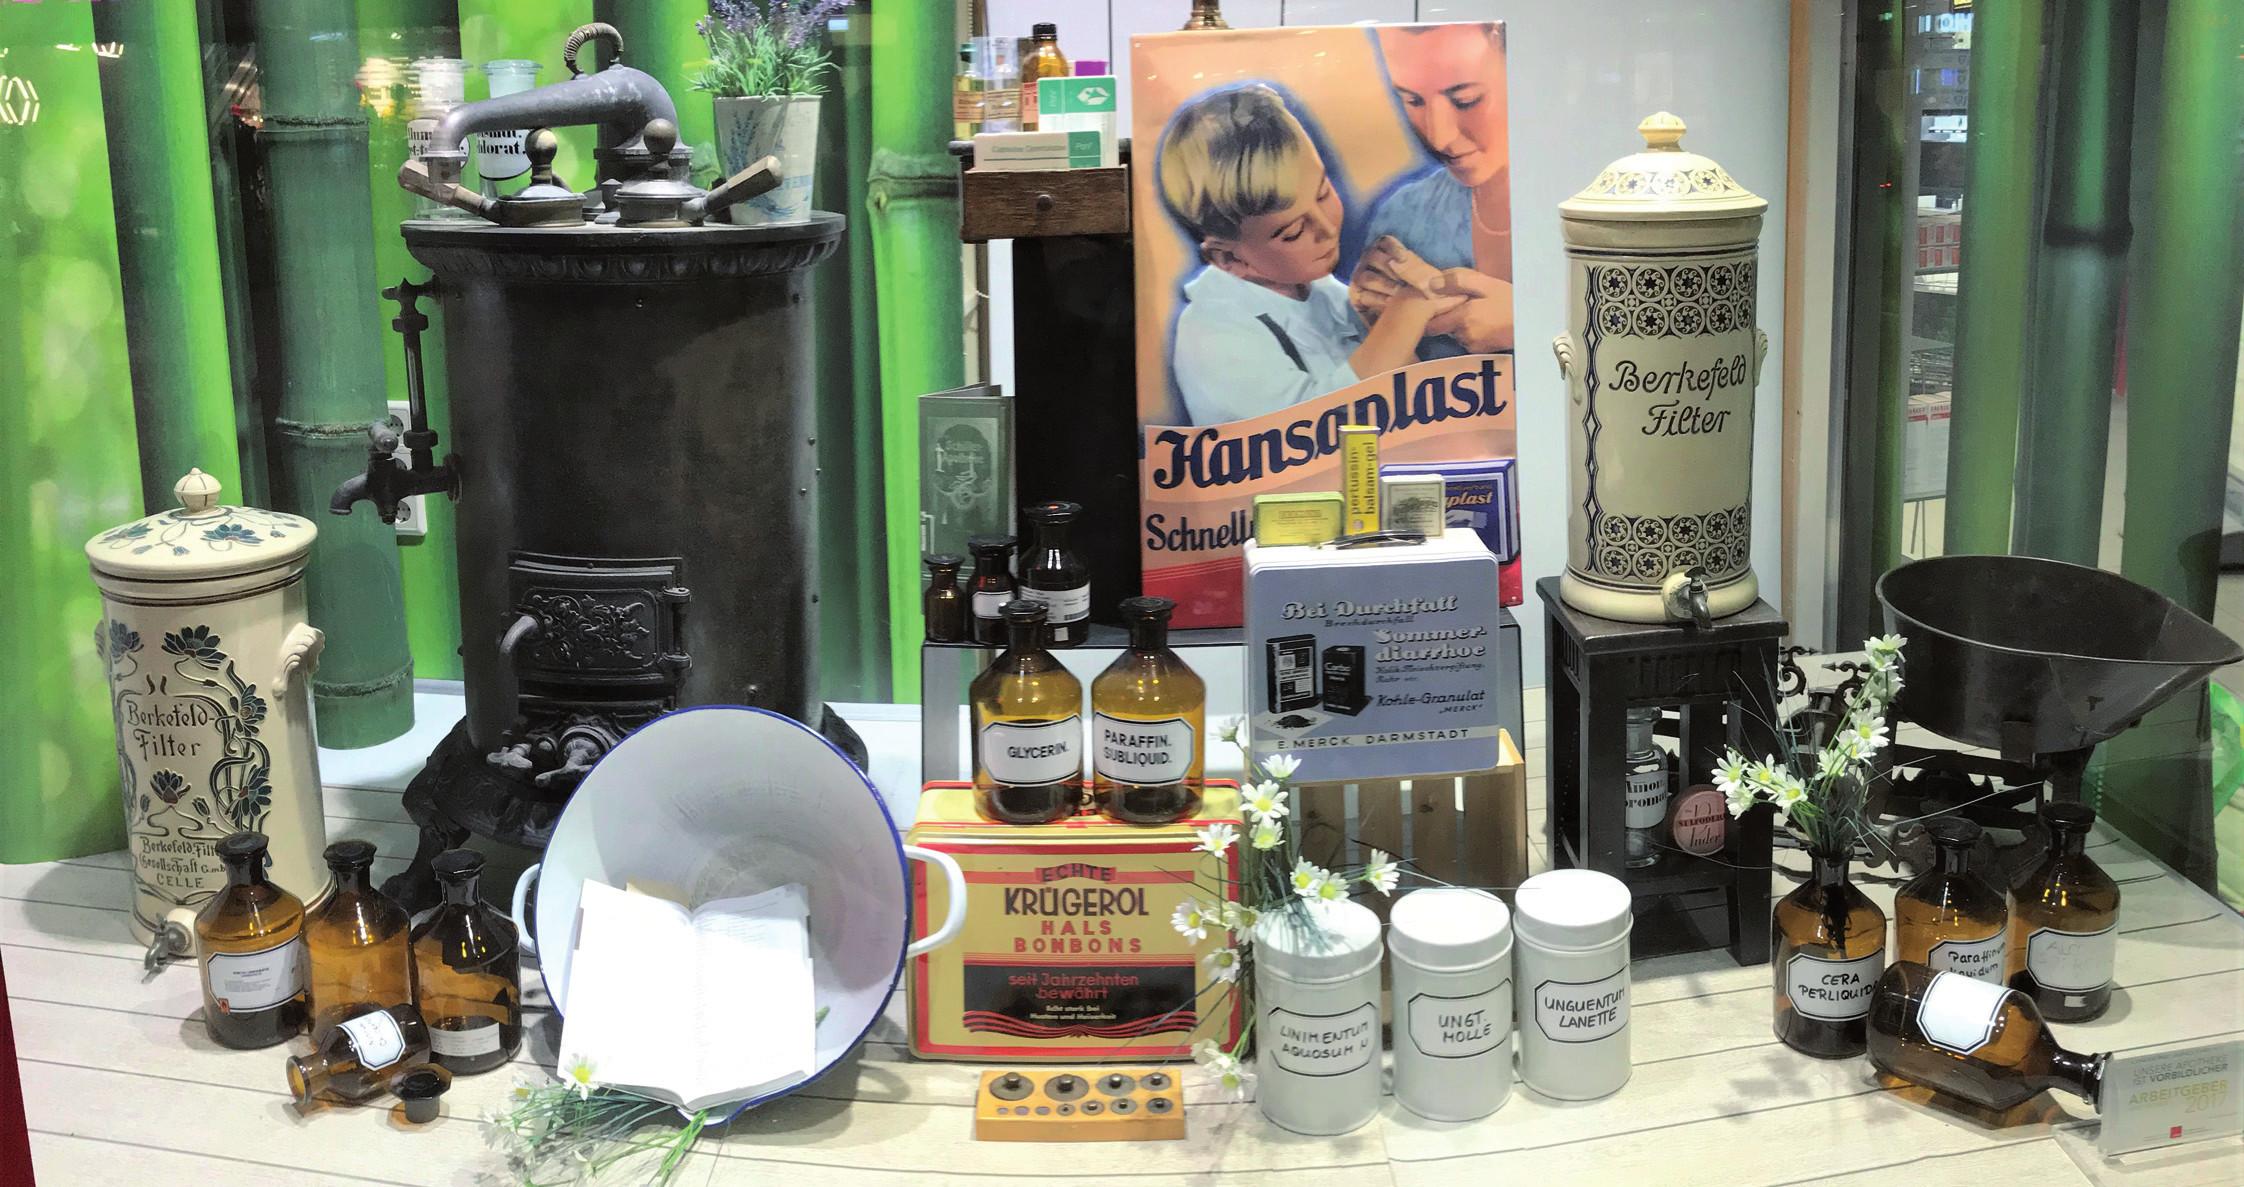 Výloha drážďanské lékárny v nákupní zóně a přesto s citem pro tradici.